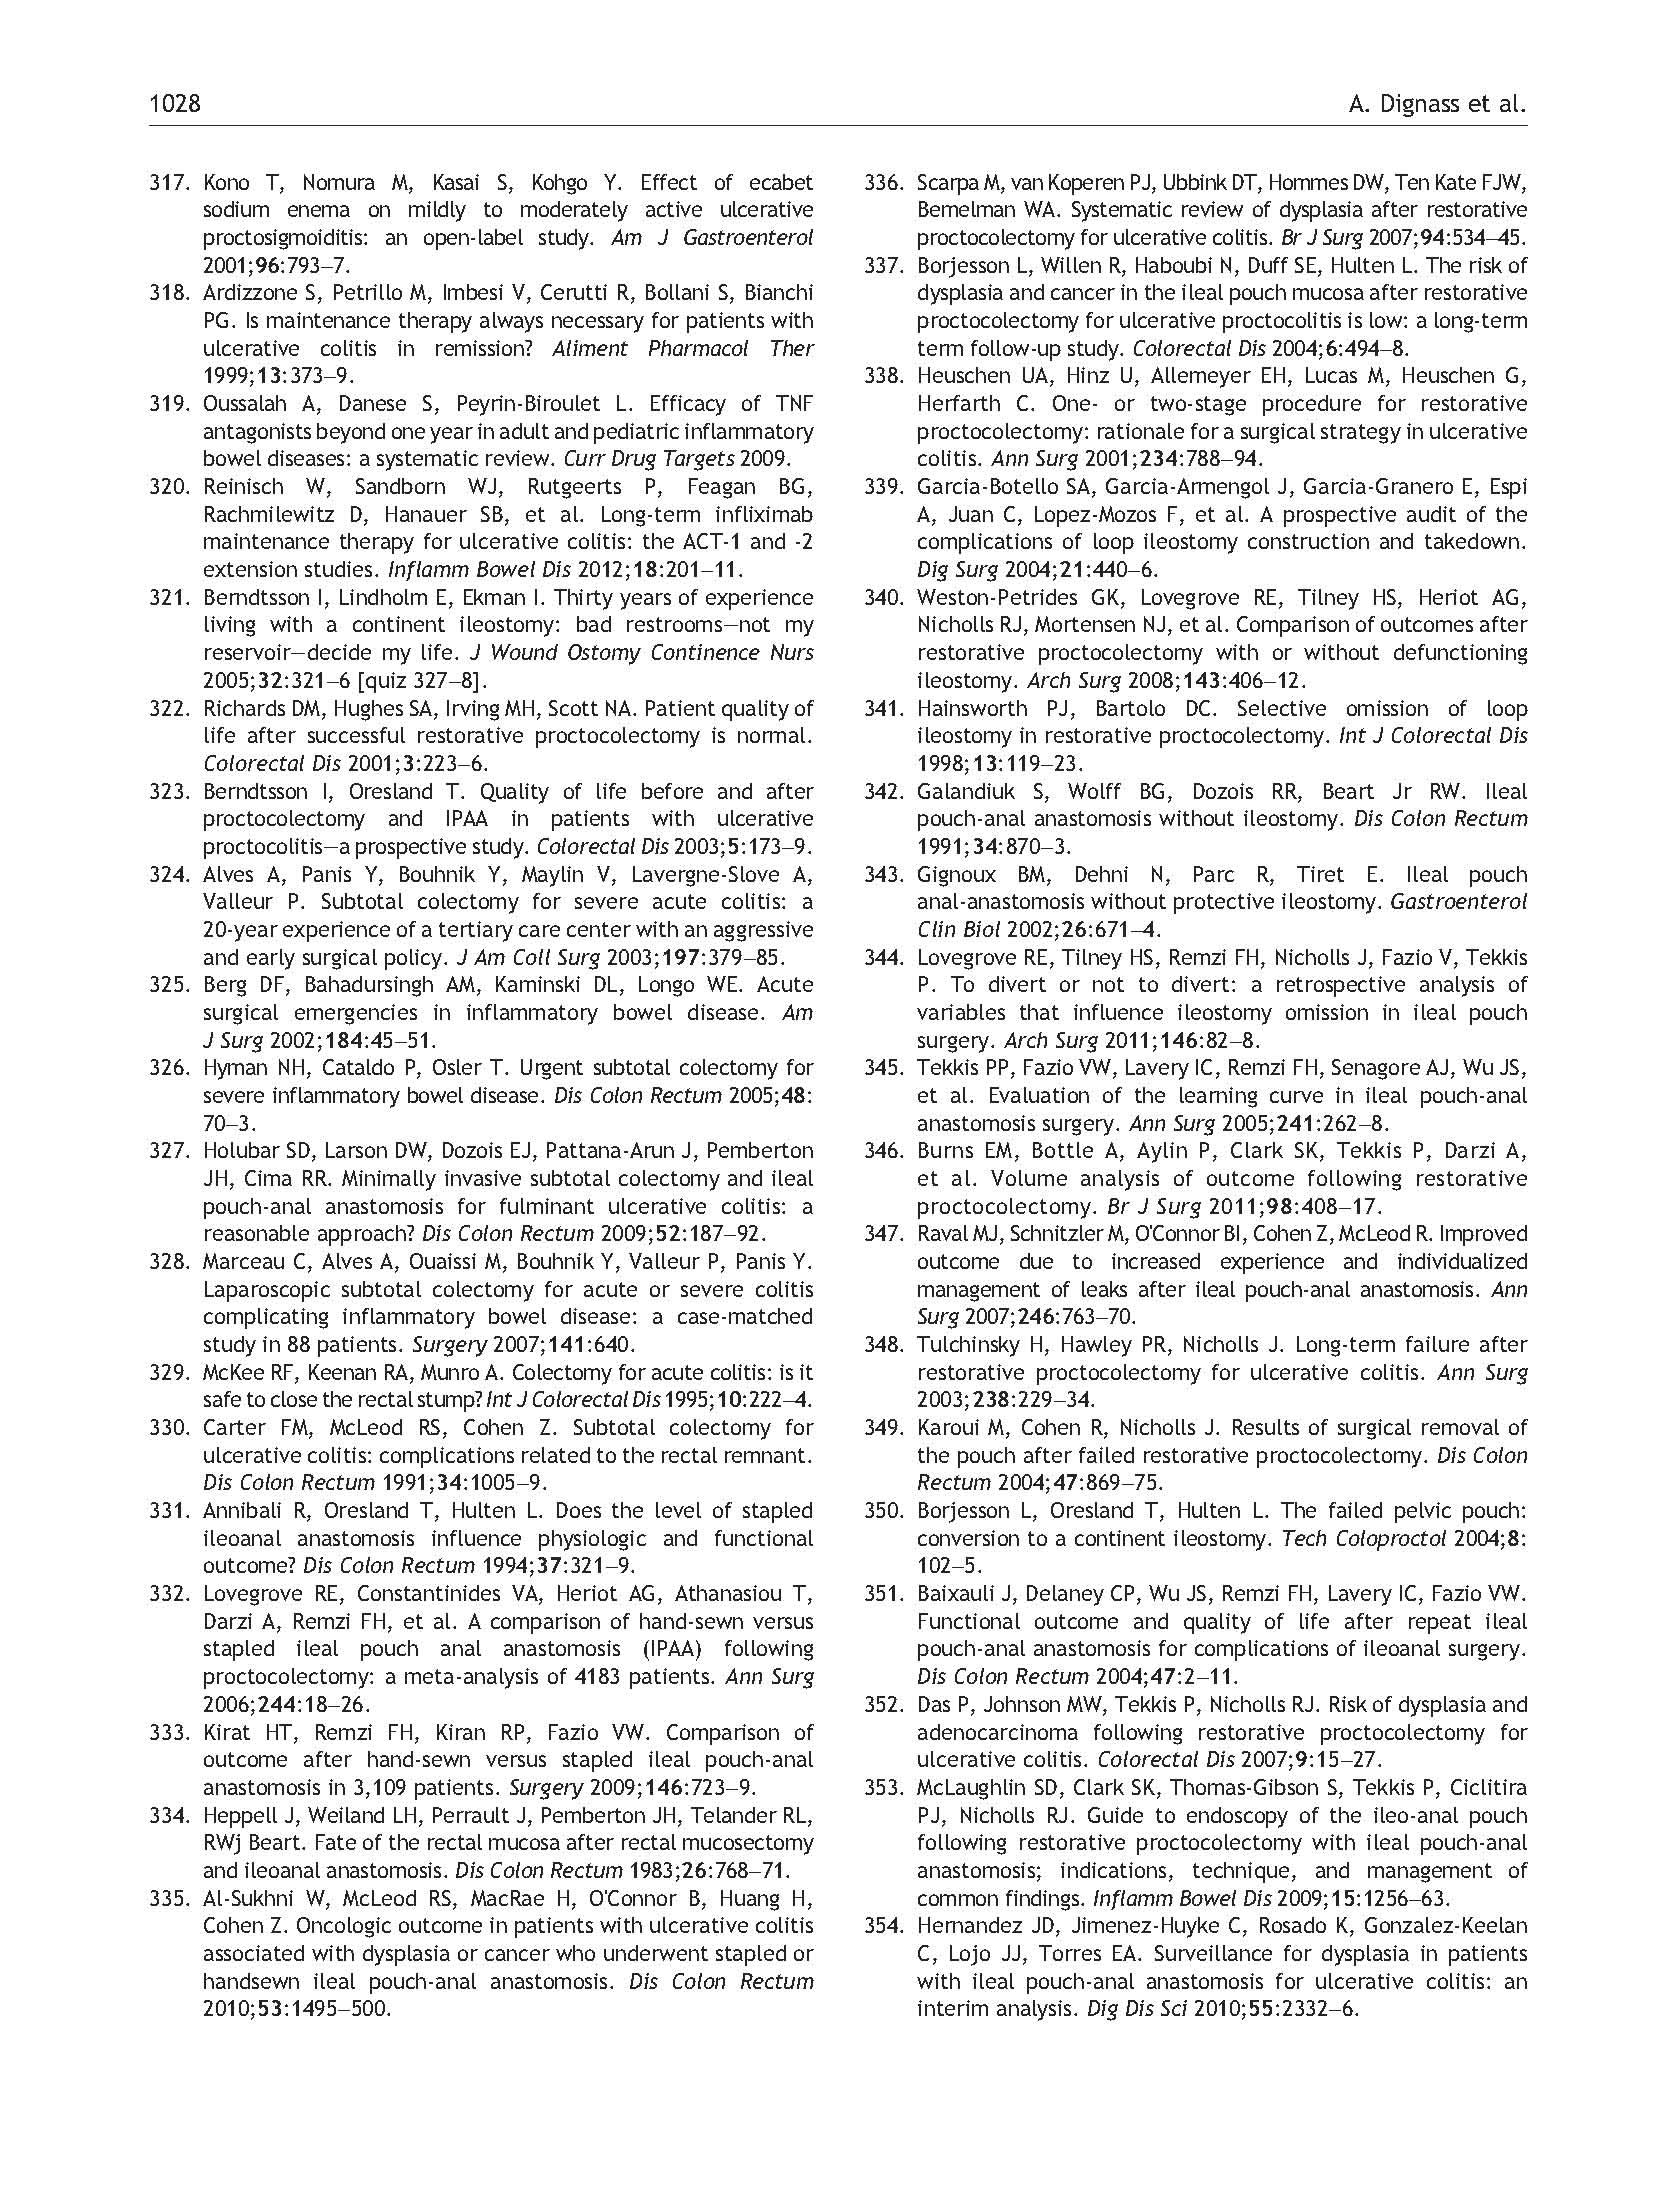 2012-ECCO第二版-欧洲询证共识:溃疡性结肠炎的诊断和处理—日常处理_页面_38.jpg